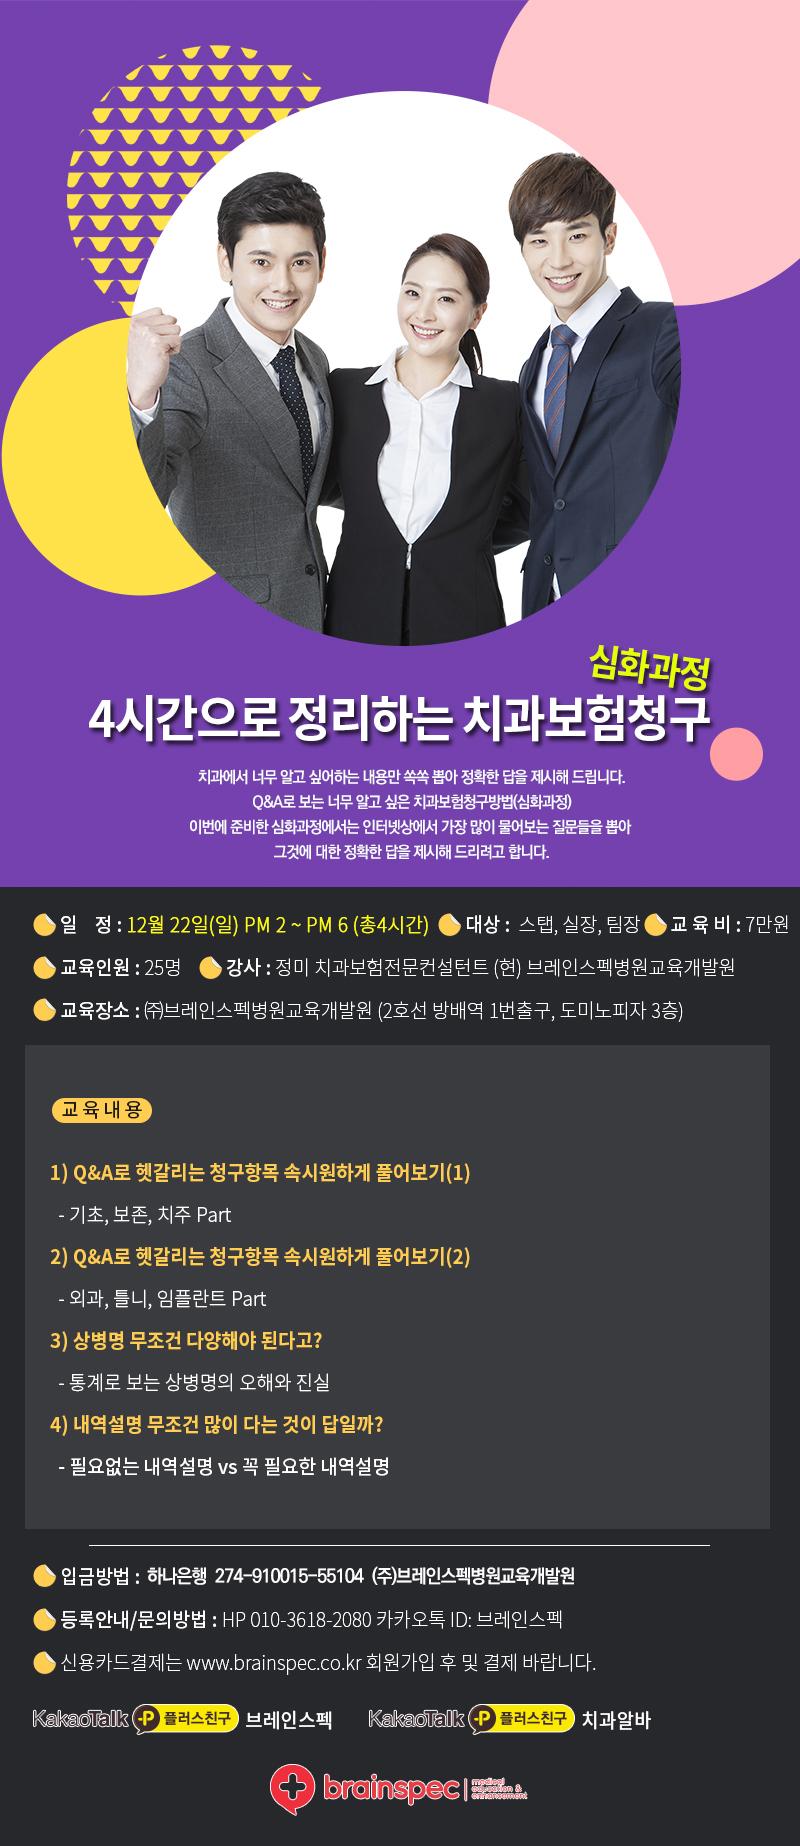 2019-12-22 4시간으로 정리하는 치과보험청구심화과정 _정미.jpg